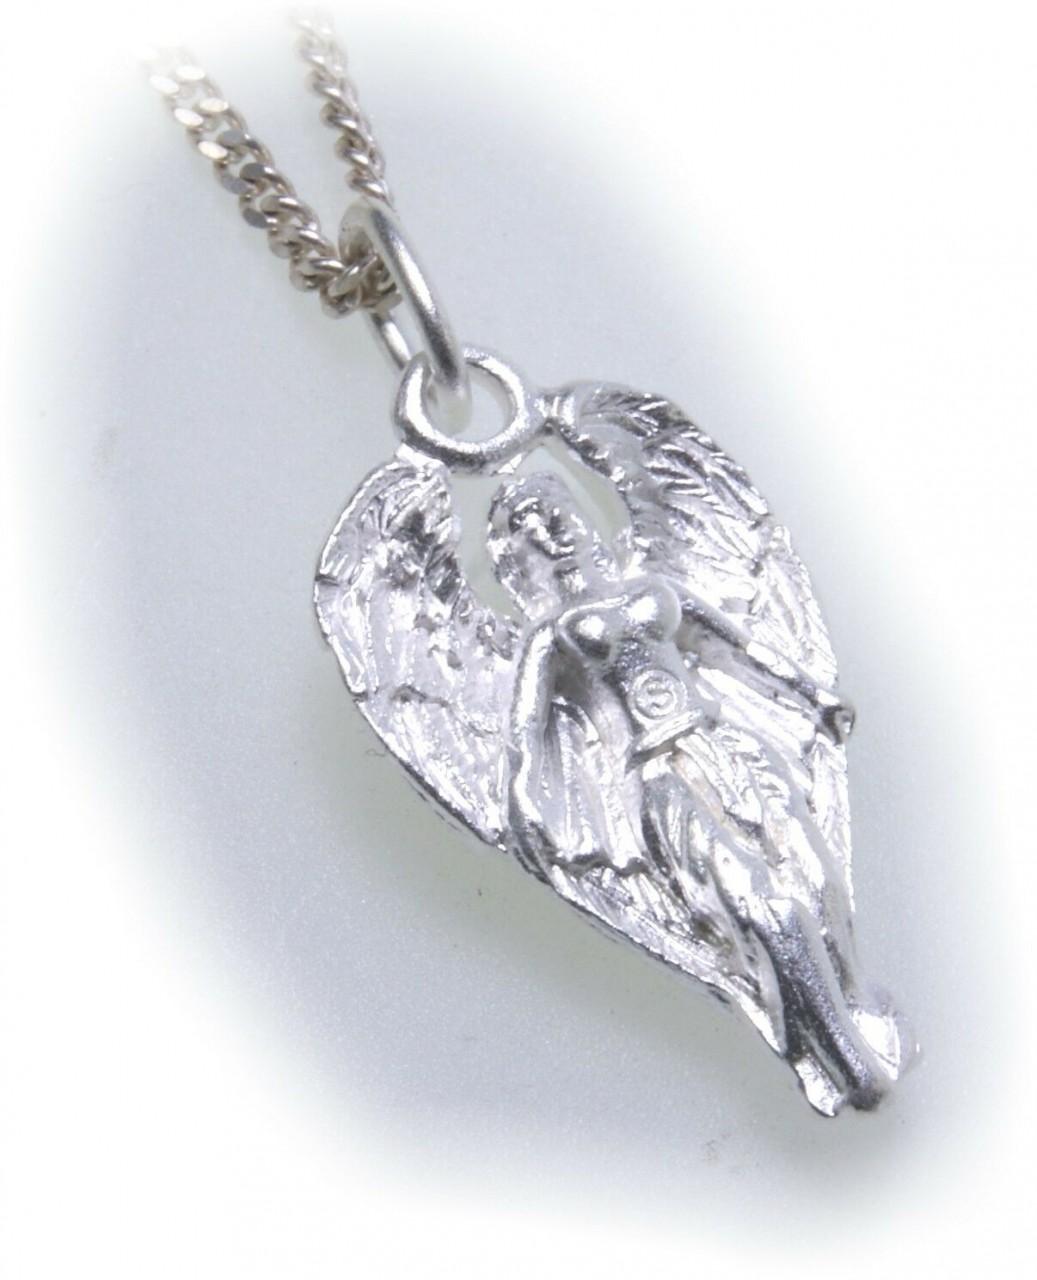 Anhänger Engel echt Silber 925 Engel mit Flügel mattiert Unisex Sterlingsilber